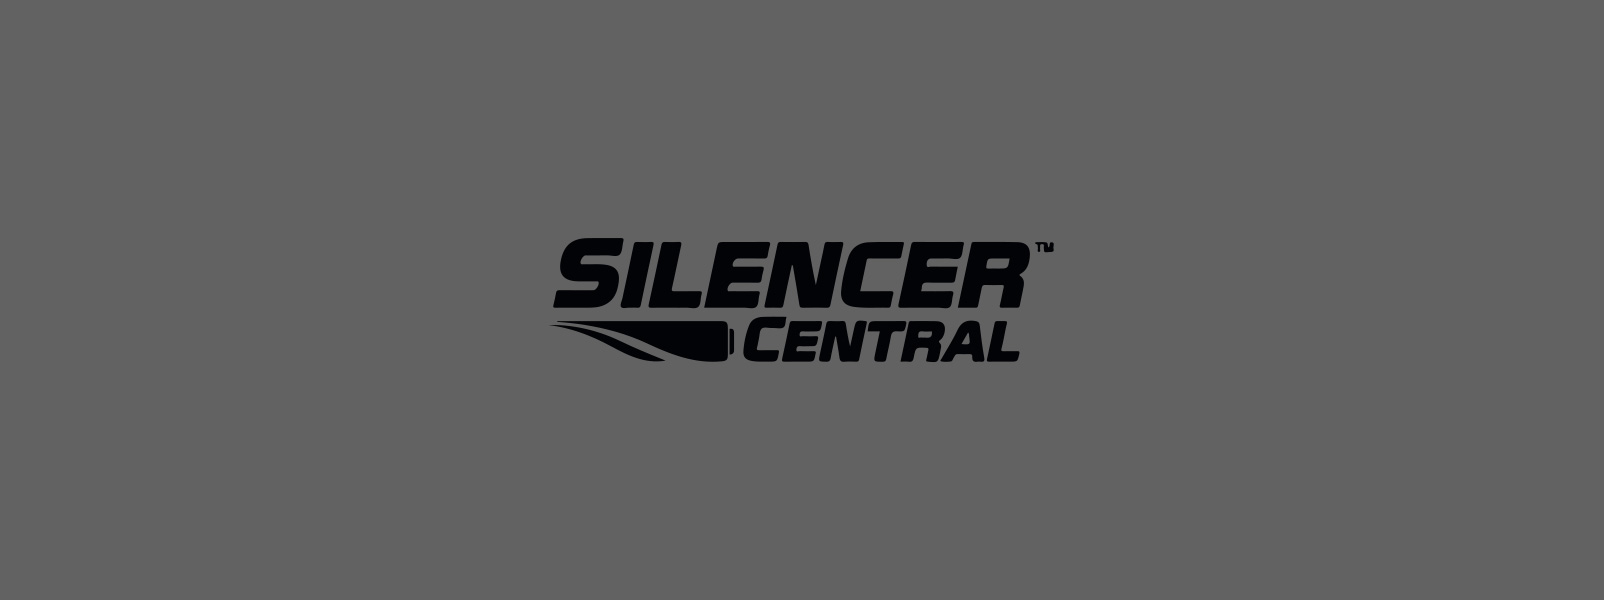 ASA Sponsor Dakota Silencer becomes Silencer Central